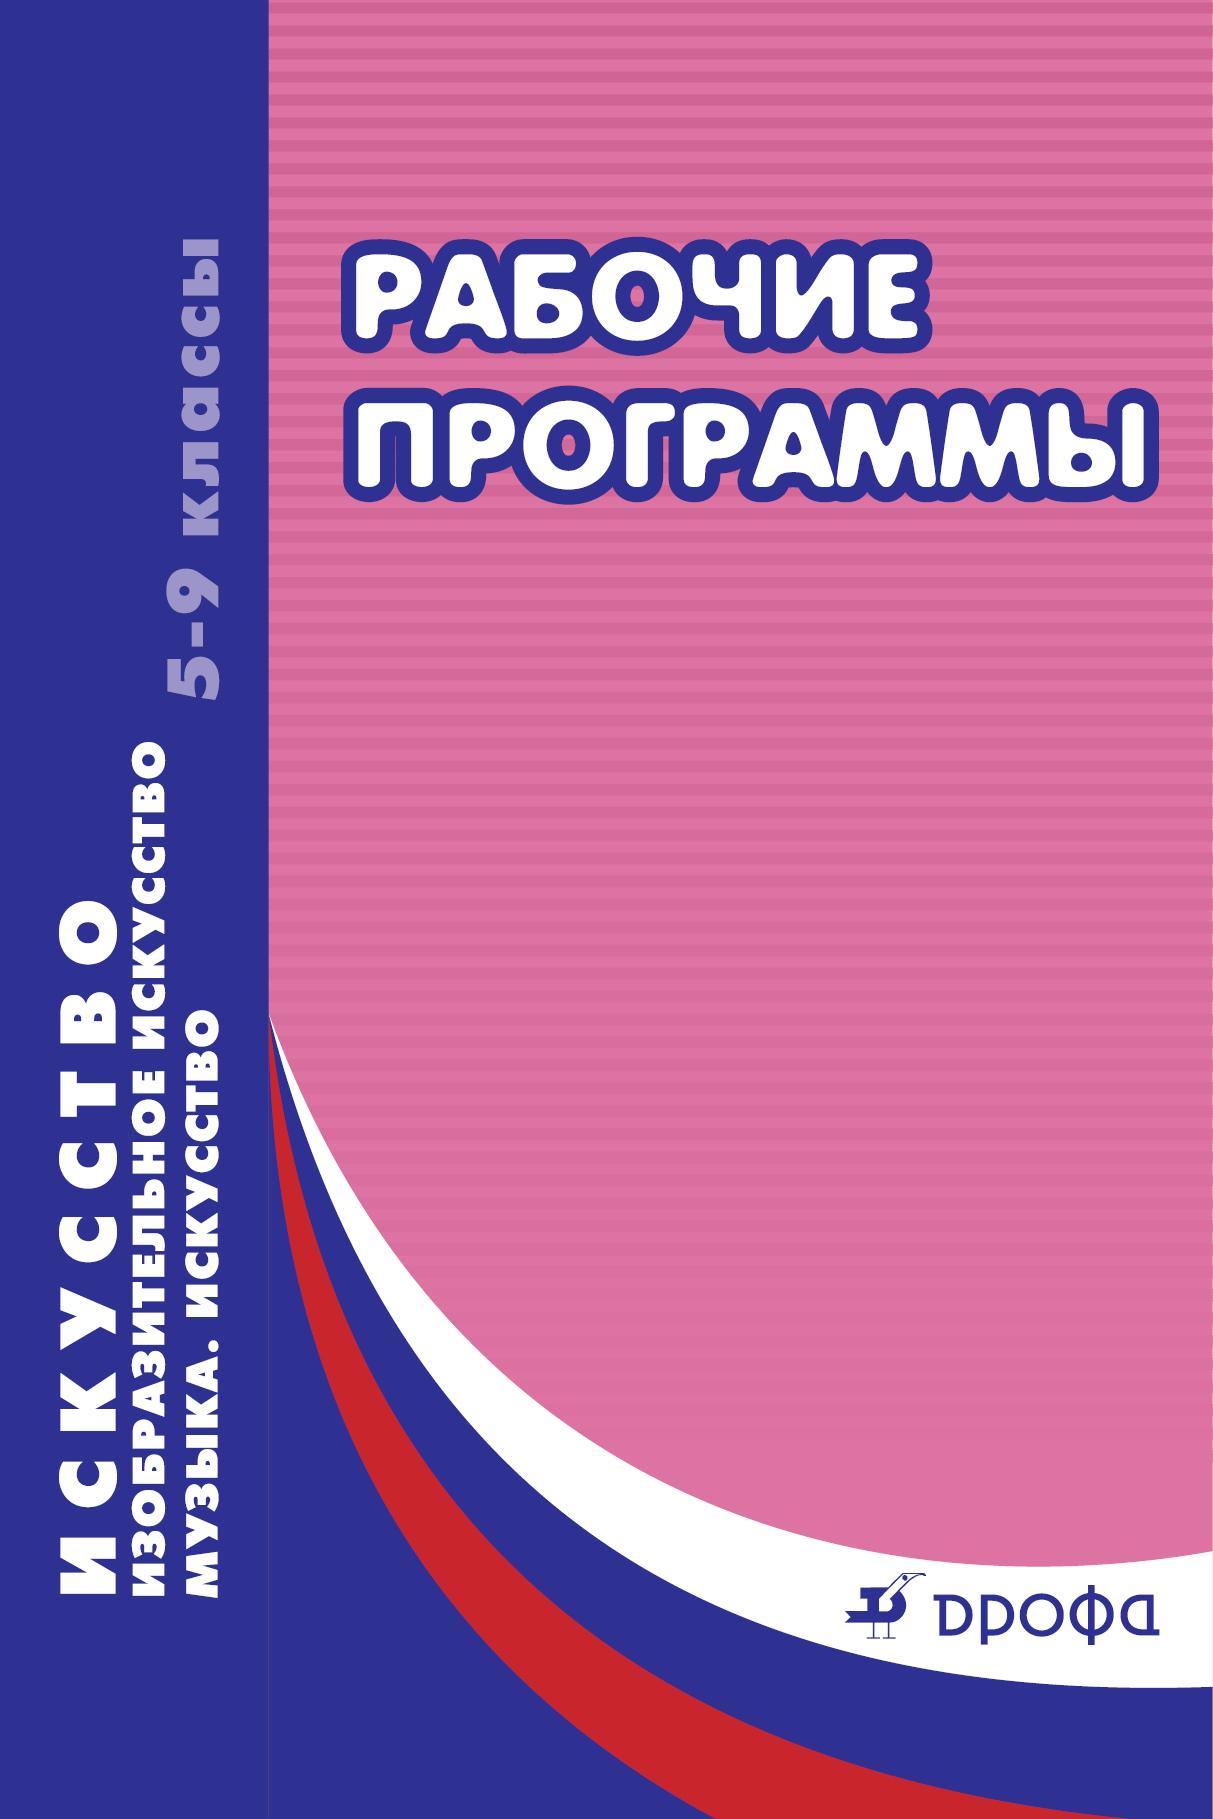 Степанова С.В. Изобразительное искусство. Музыка. Искусство. Искусство. 5-9 классы. Рабочие программы.